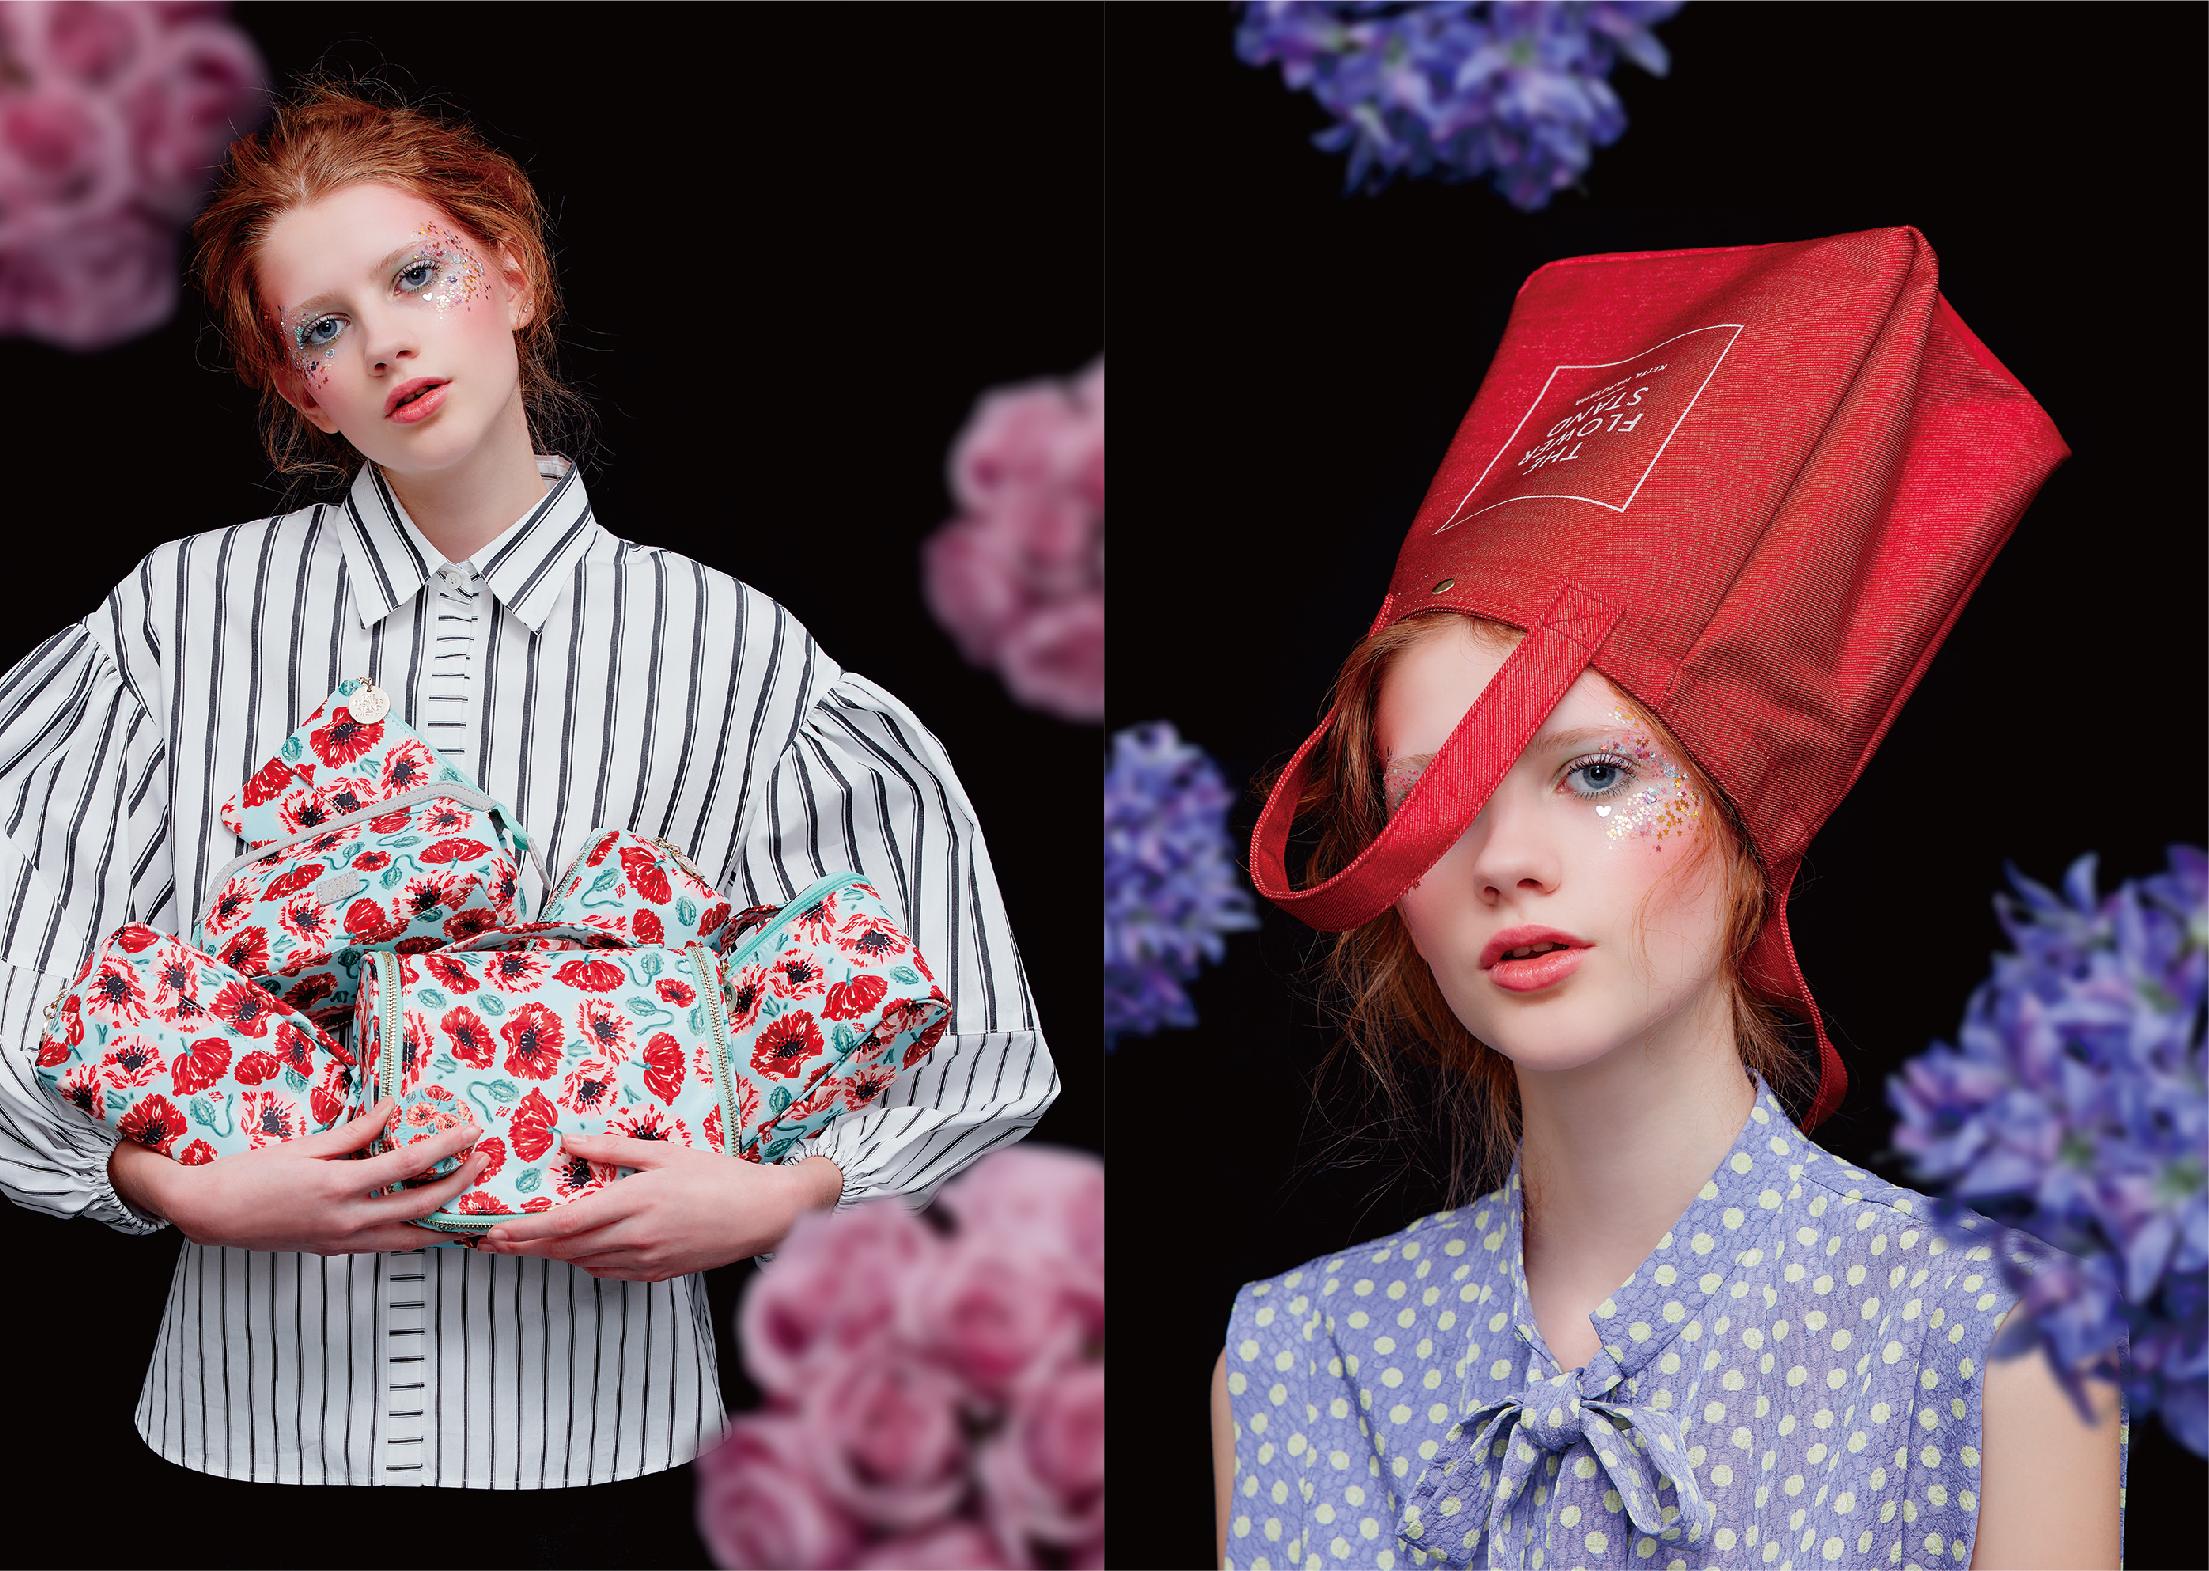 KEITA MARUYAMAの新たなブランド「THE FLOWER STAND_KEITA MARUYAMA」新作コレクション発表!